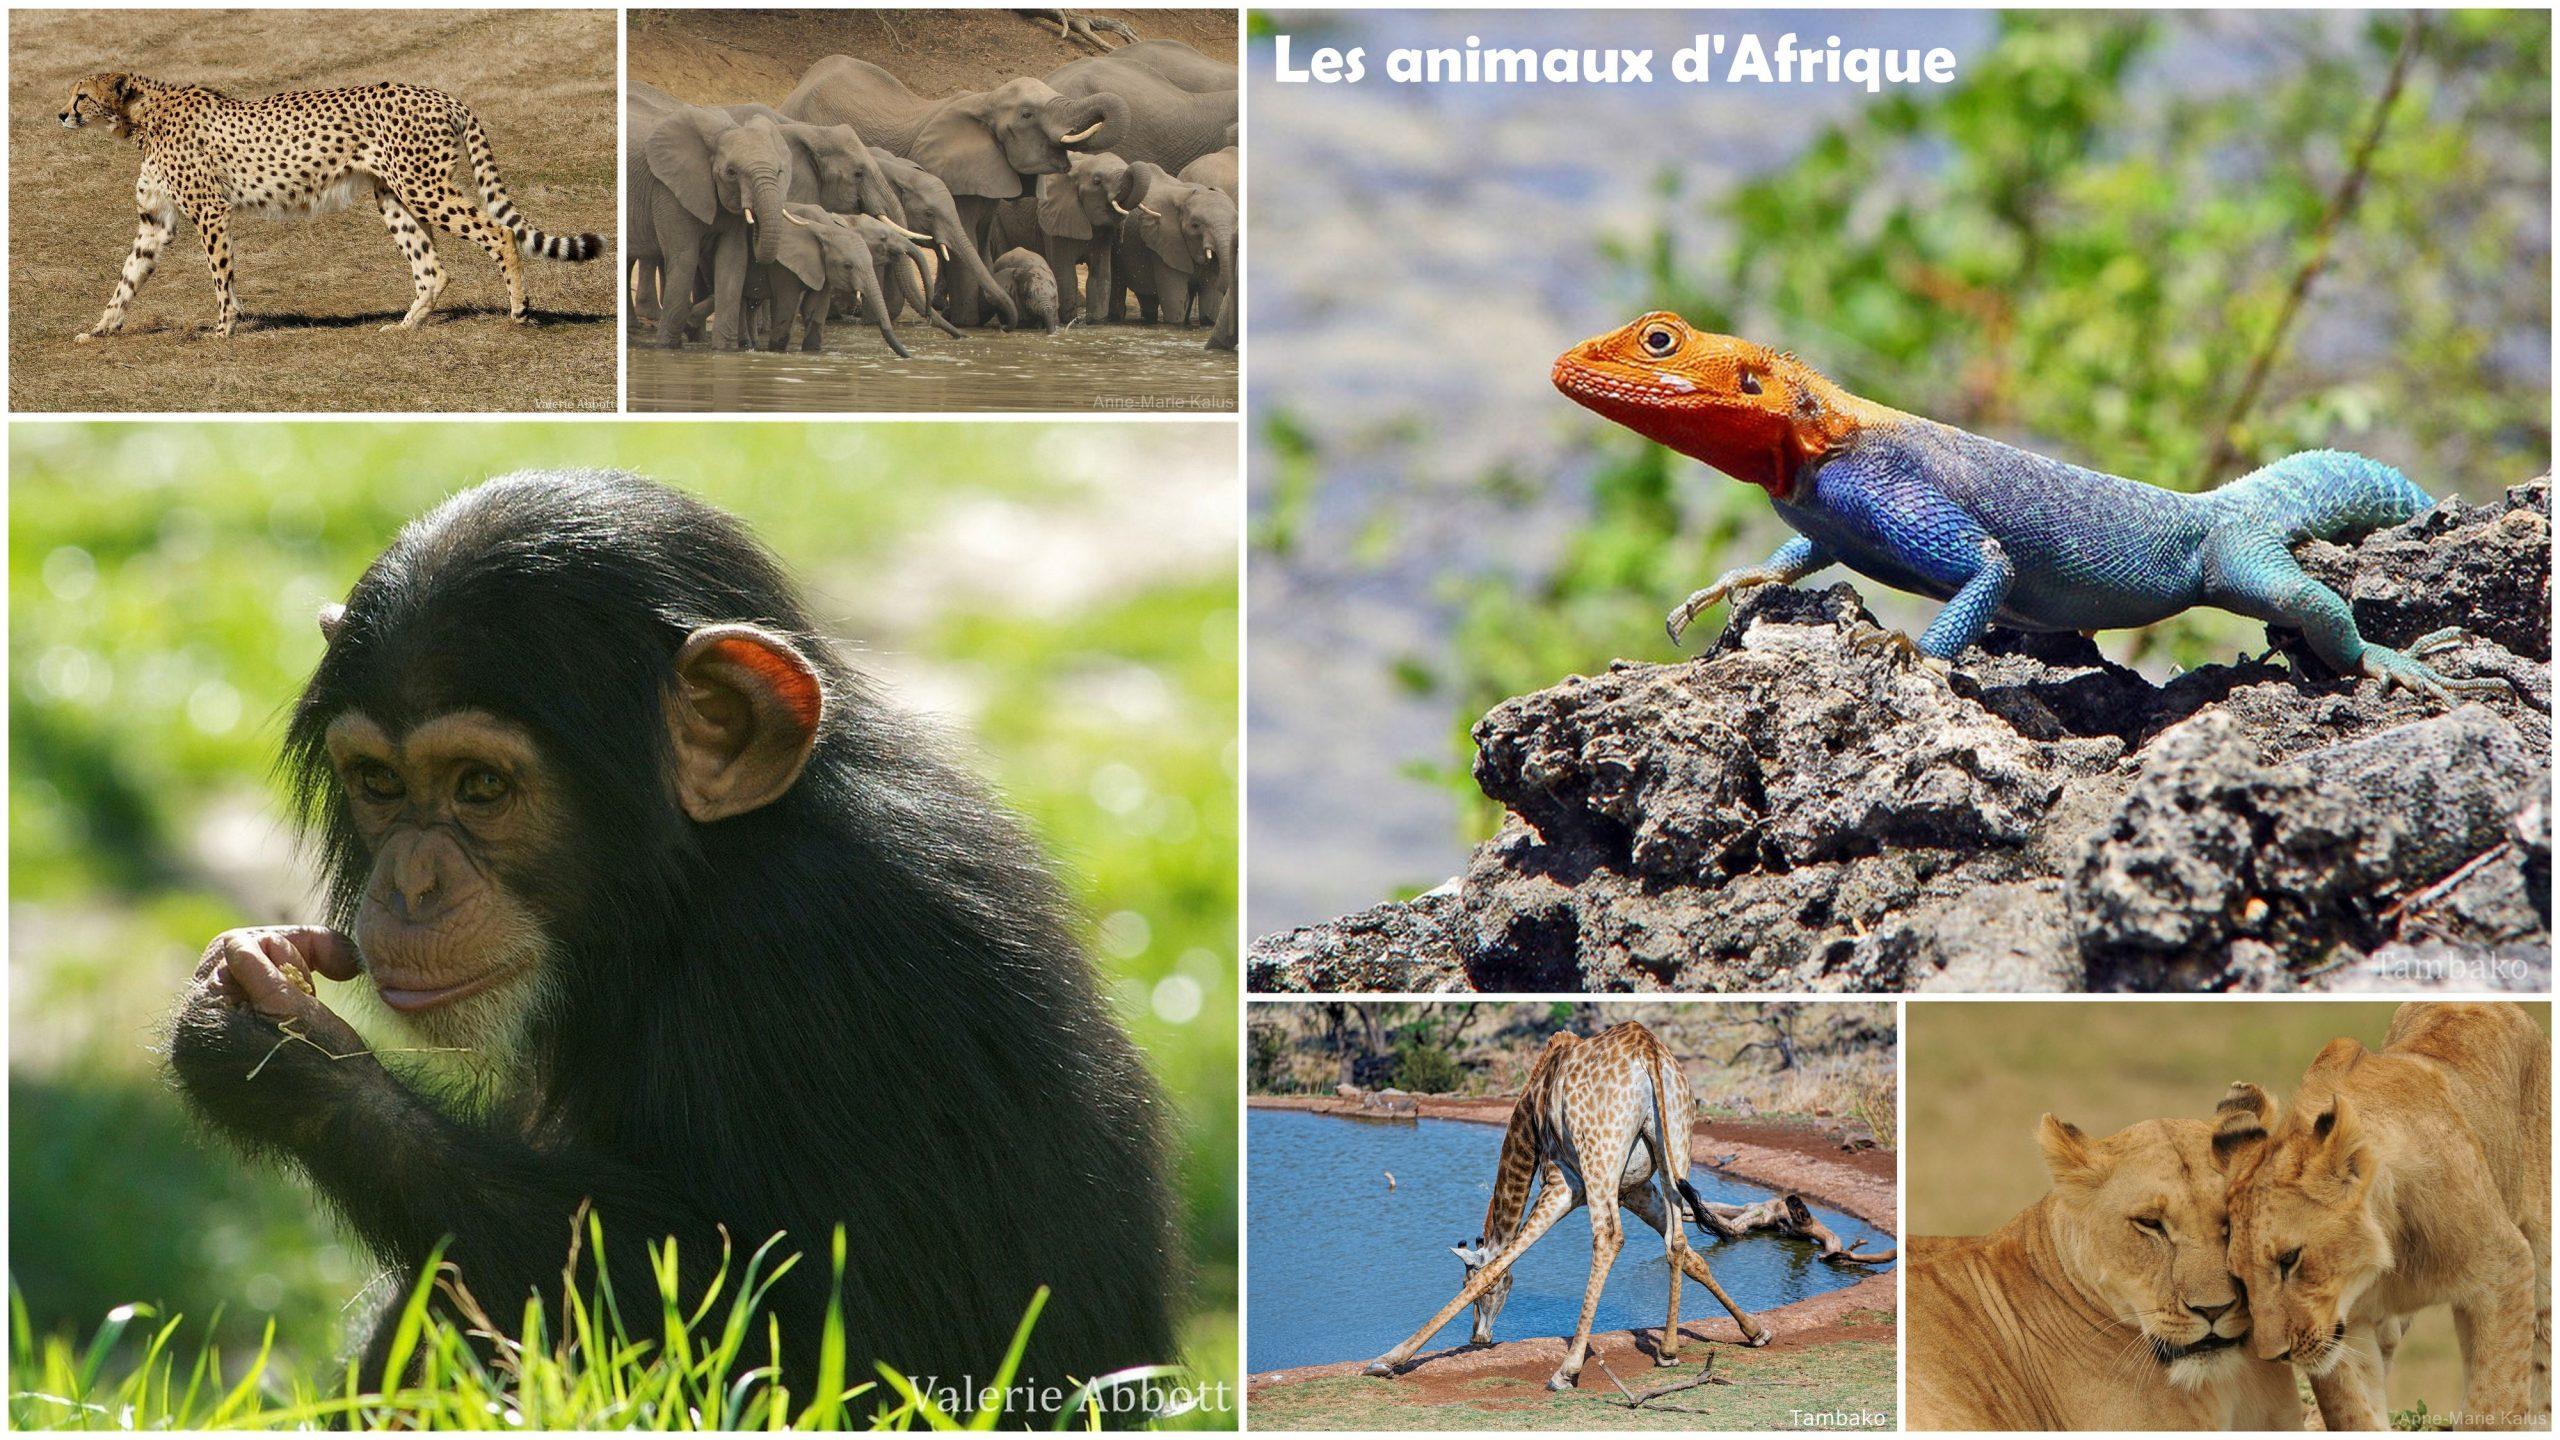 Liste Des Animaux D'afrique - 700 Fiches Animaux À Découvrir dedans Les Animaux De L Afrique